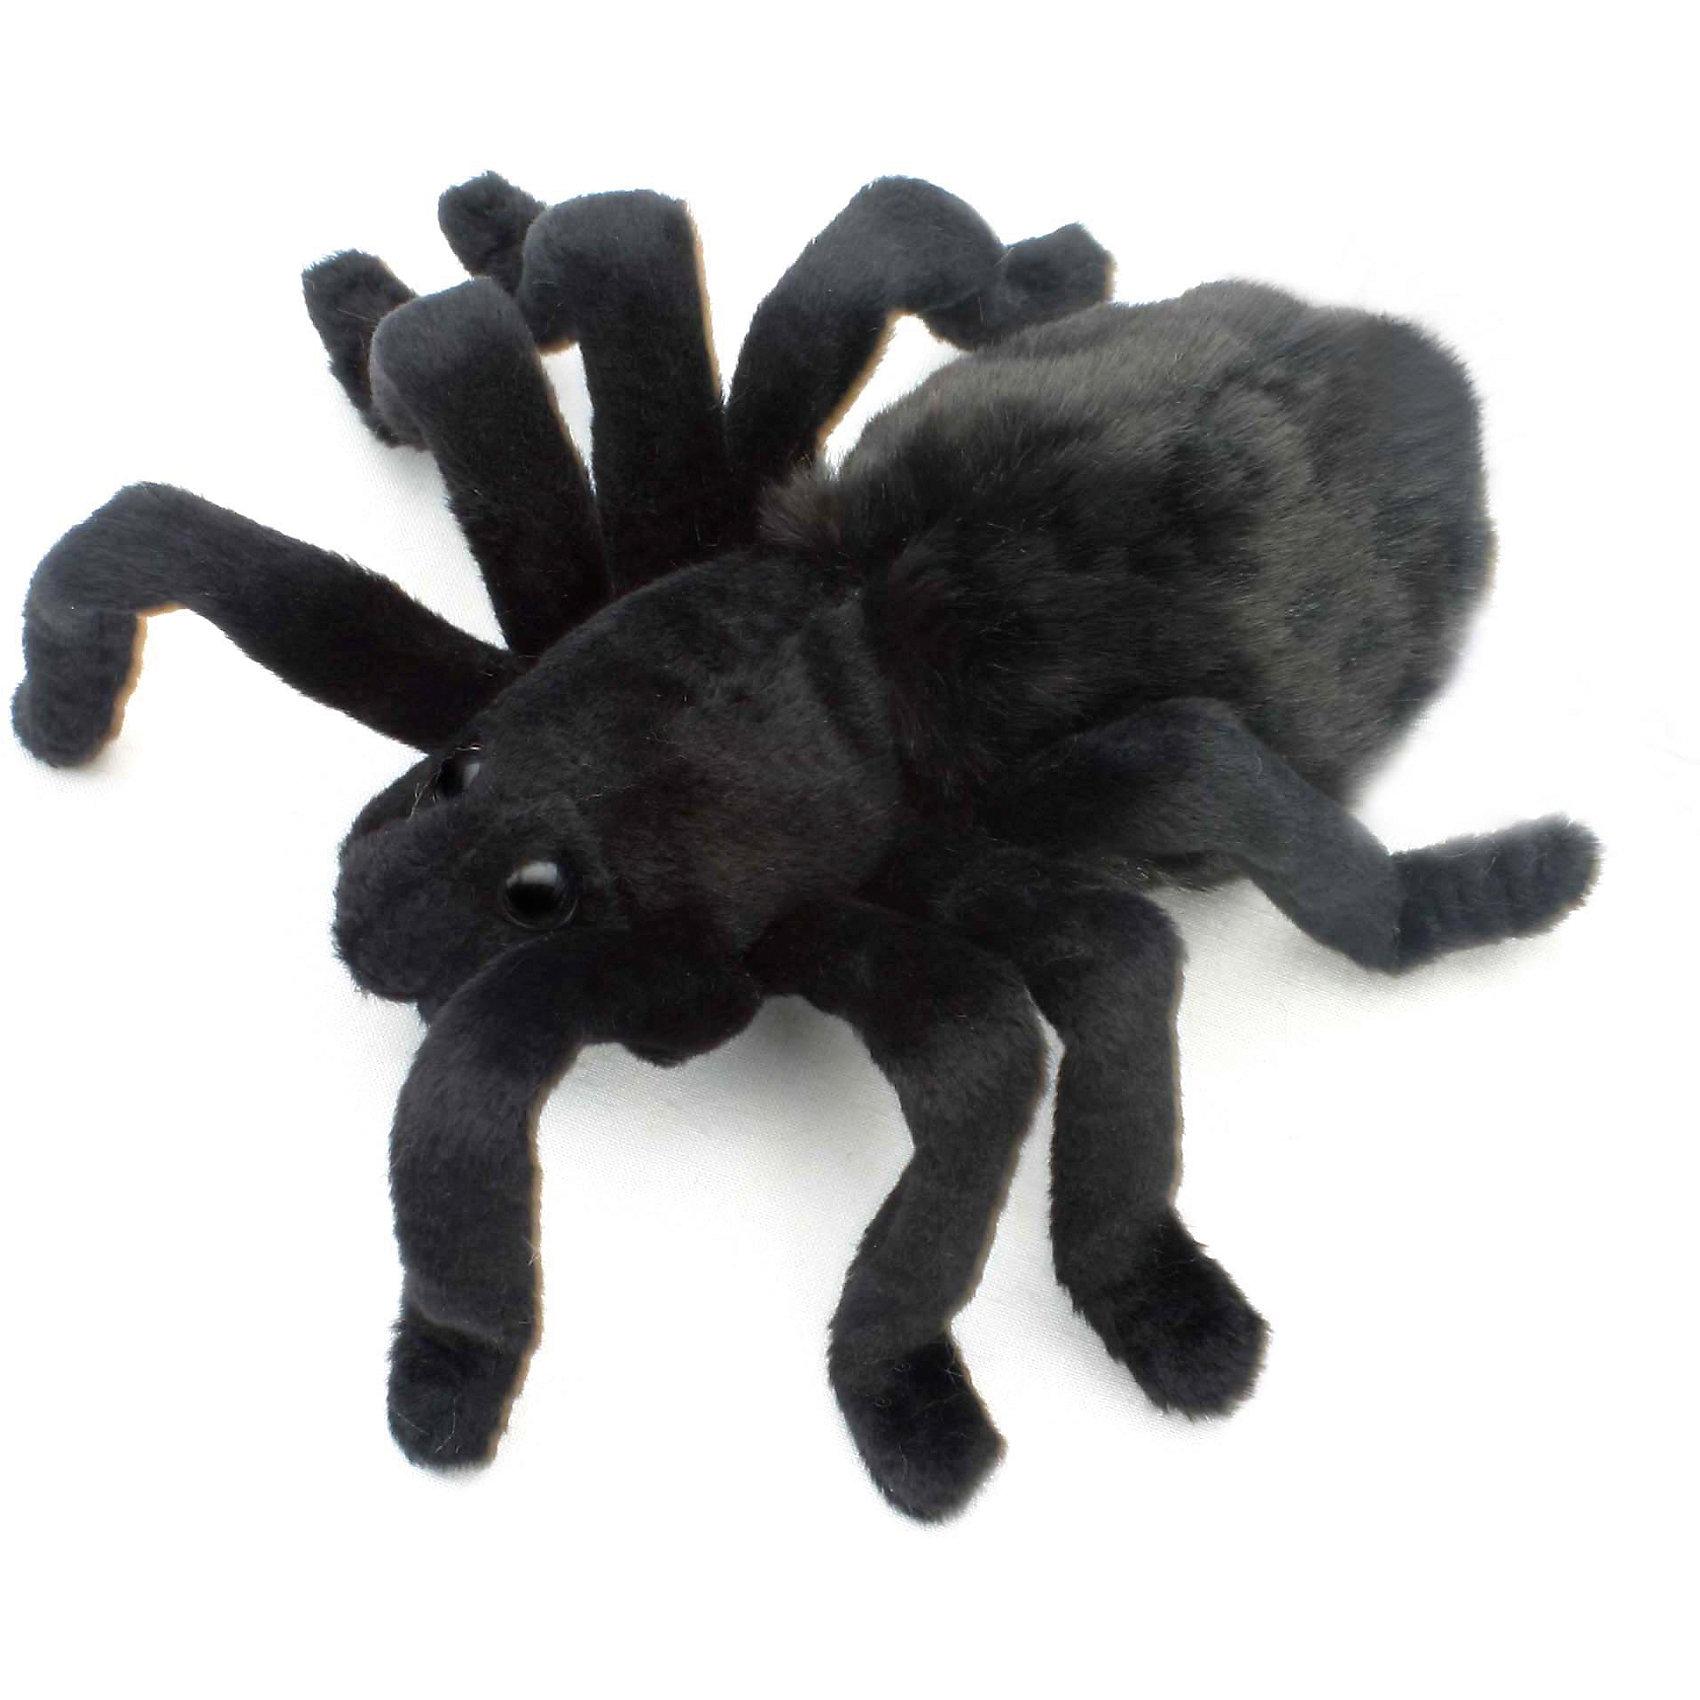 Мягкая игрушка Hansa Тарантул черный, 19 смМягкие игрушки животные<br>Характеристики товара:<br><br>• возраст: от 3 лет;<br>• материал: искусственный мех;<br>• длина игрушки: 19 см;<br>• размер упаковки: 19х16х7 см;<br>• вес упаковки: 30 гр.;<br>• страна производитель: Филиппины.<br><br>Мягкая игрушка Тарантул черный Hansa 19 см — черный пушистый паучок с лапками. Игрушку можно брать с собой на прогулку, в детский садик, в гости и устраивать вместе с друзьями веселые игры. <br><br>Внутри проходит титановый каркас, который позволяет менять положение лап, туловища, поворачивать голову. Игрушка сделана из качественных безопасных материалов.<br><br>Мягкую игрушку Тарантул черный Hansa 19 см можно приобрести в нашем интернет-магазине.<br><br>Ширина мм: 190<br>Глубина мм: 160<br>Высота мм: 70<br>Вес г: 30<br>Возраст от месяцев: 36<br>Возраст до месяцев: 2147483647<br>Пол: Унисекс<br>Возраст: Детский<br>SKU: 6680738